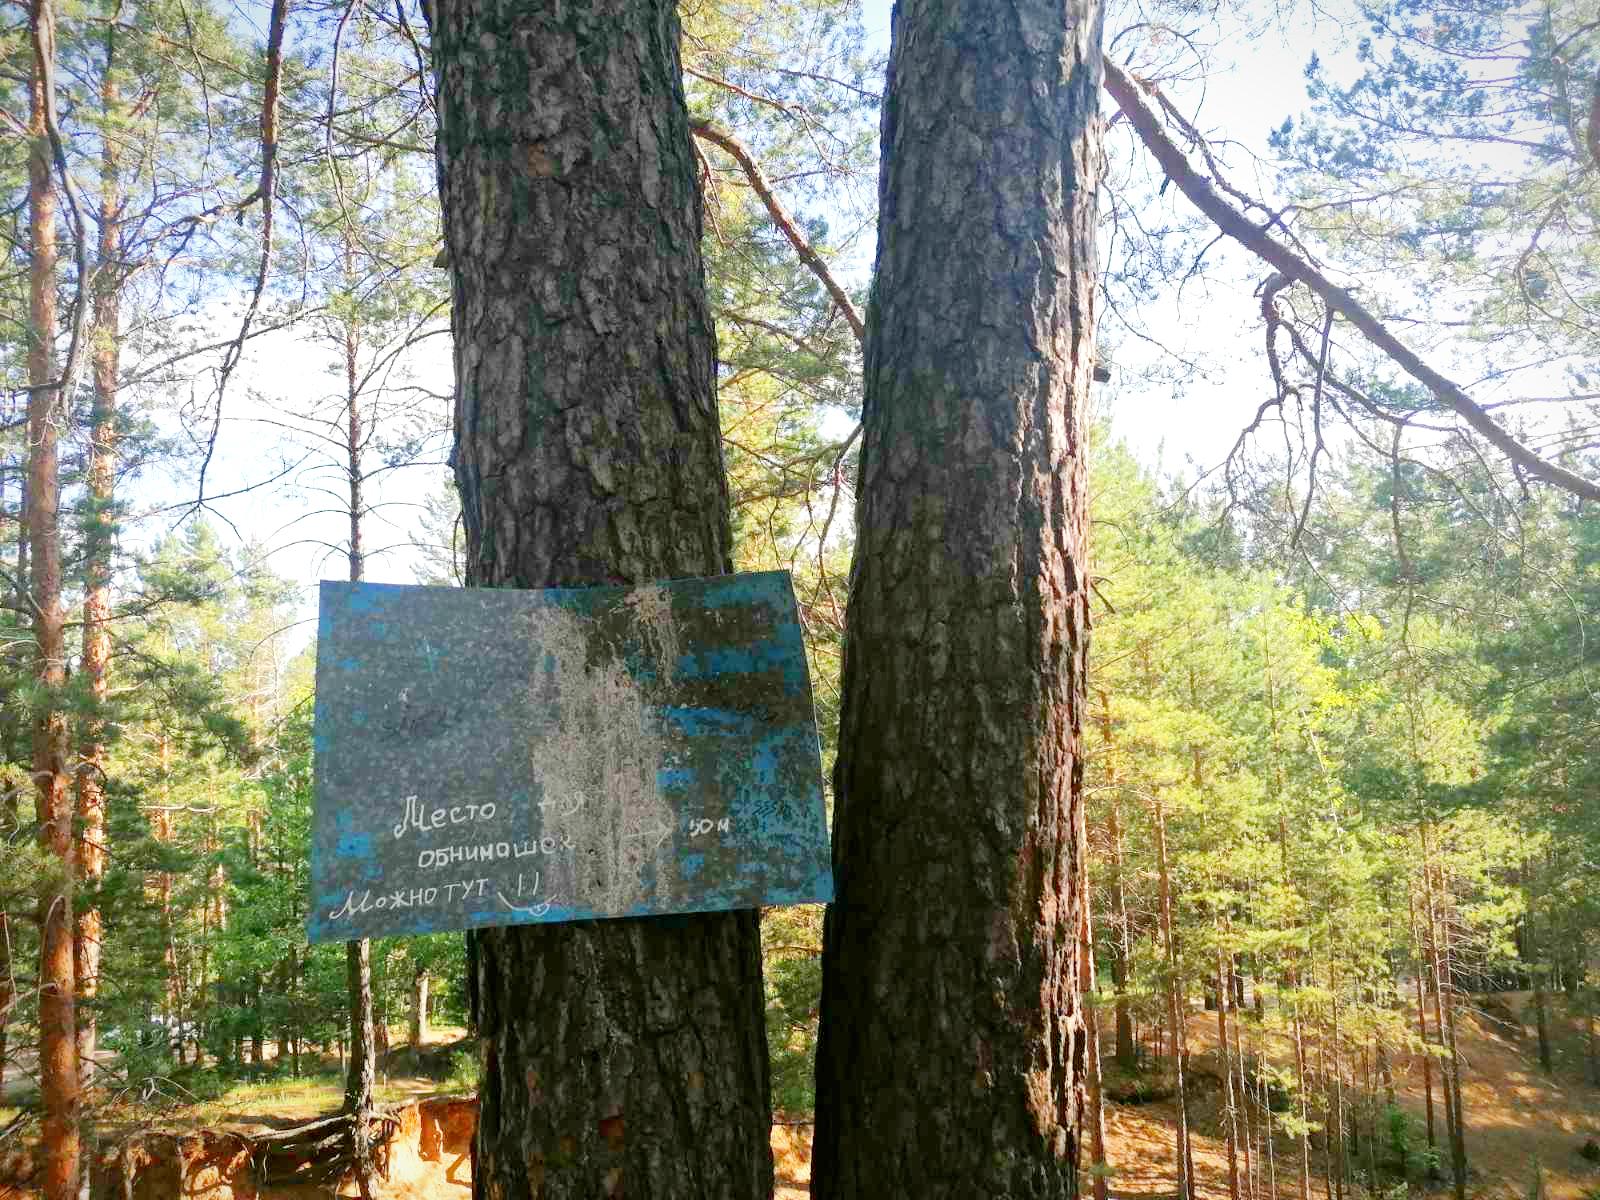 Место для обнимашек. В лесу за стадионом СибВО. Обниматься можно в радиусе 50-ти метров. 15 июня 2021 год. Фото «Вечорки».